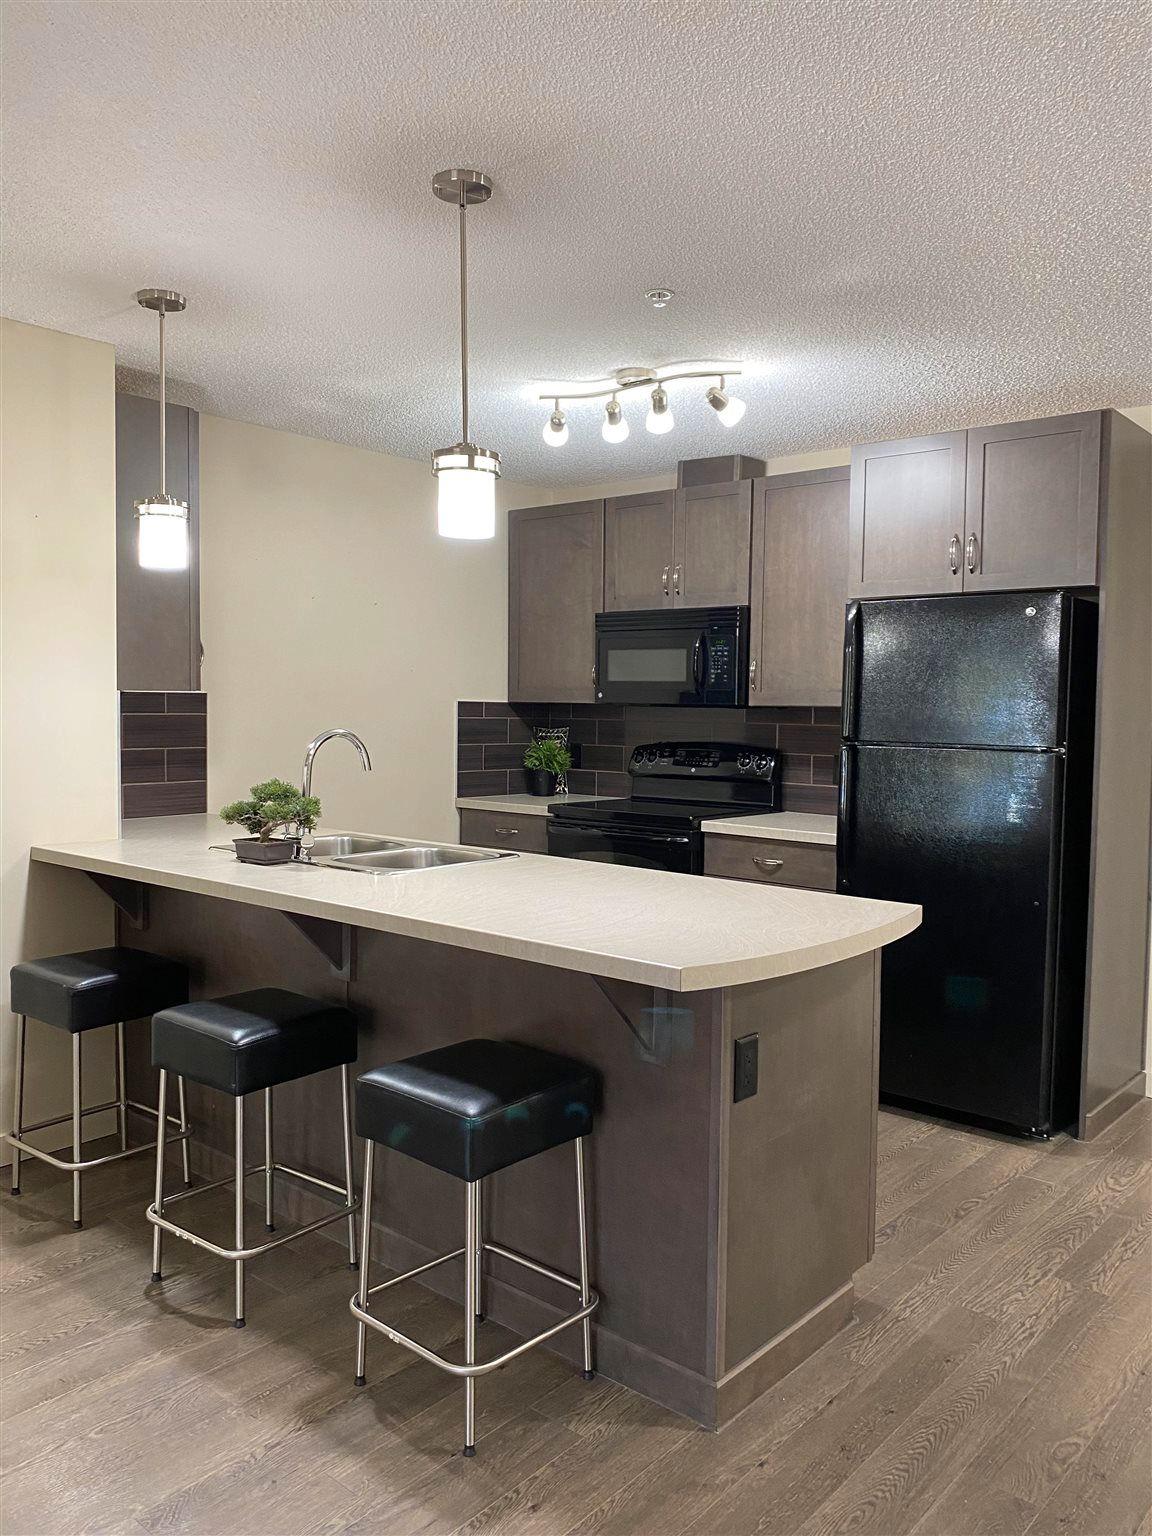 Main Photo: 120 6084 STANTON Drive in Edmonton: Zone 53 Condo for sale : MLS®# E4230179